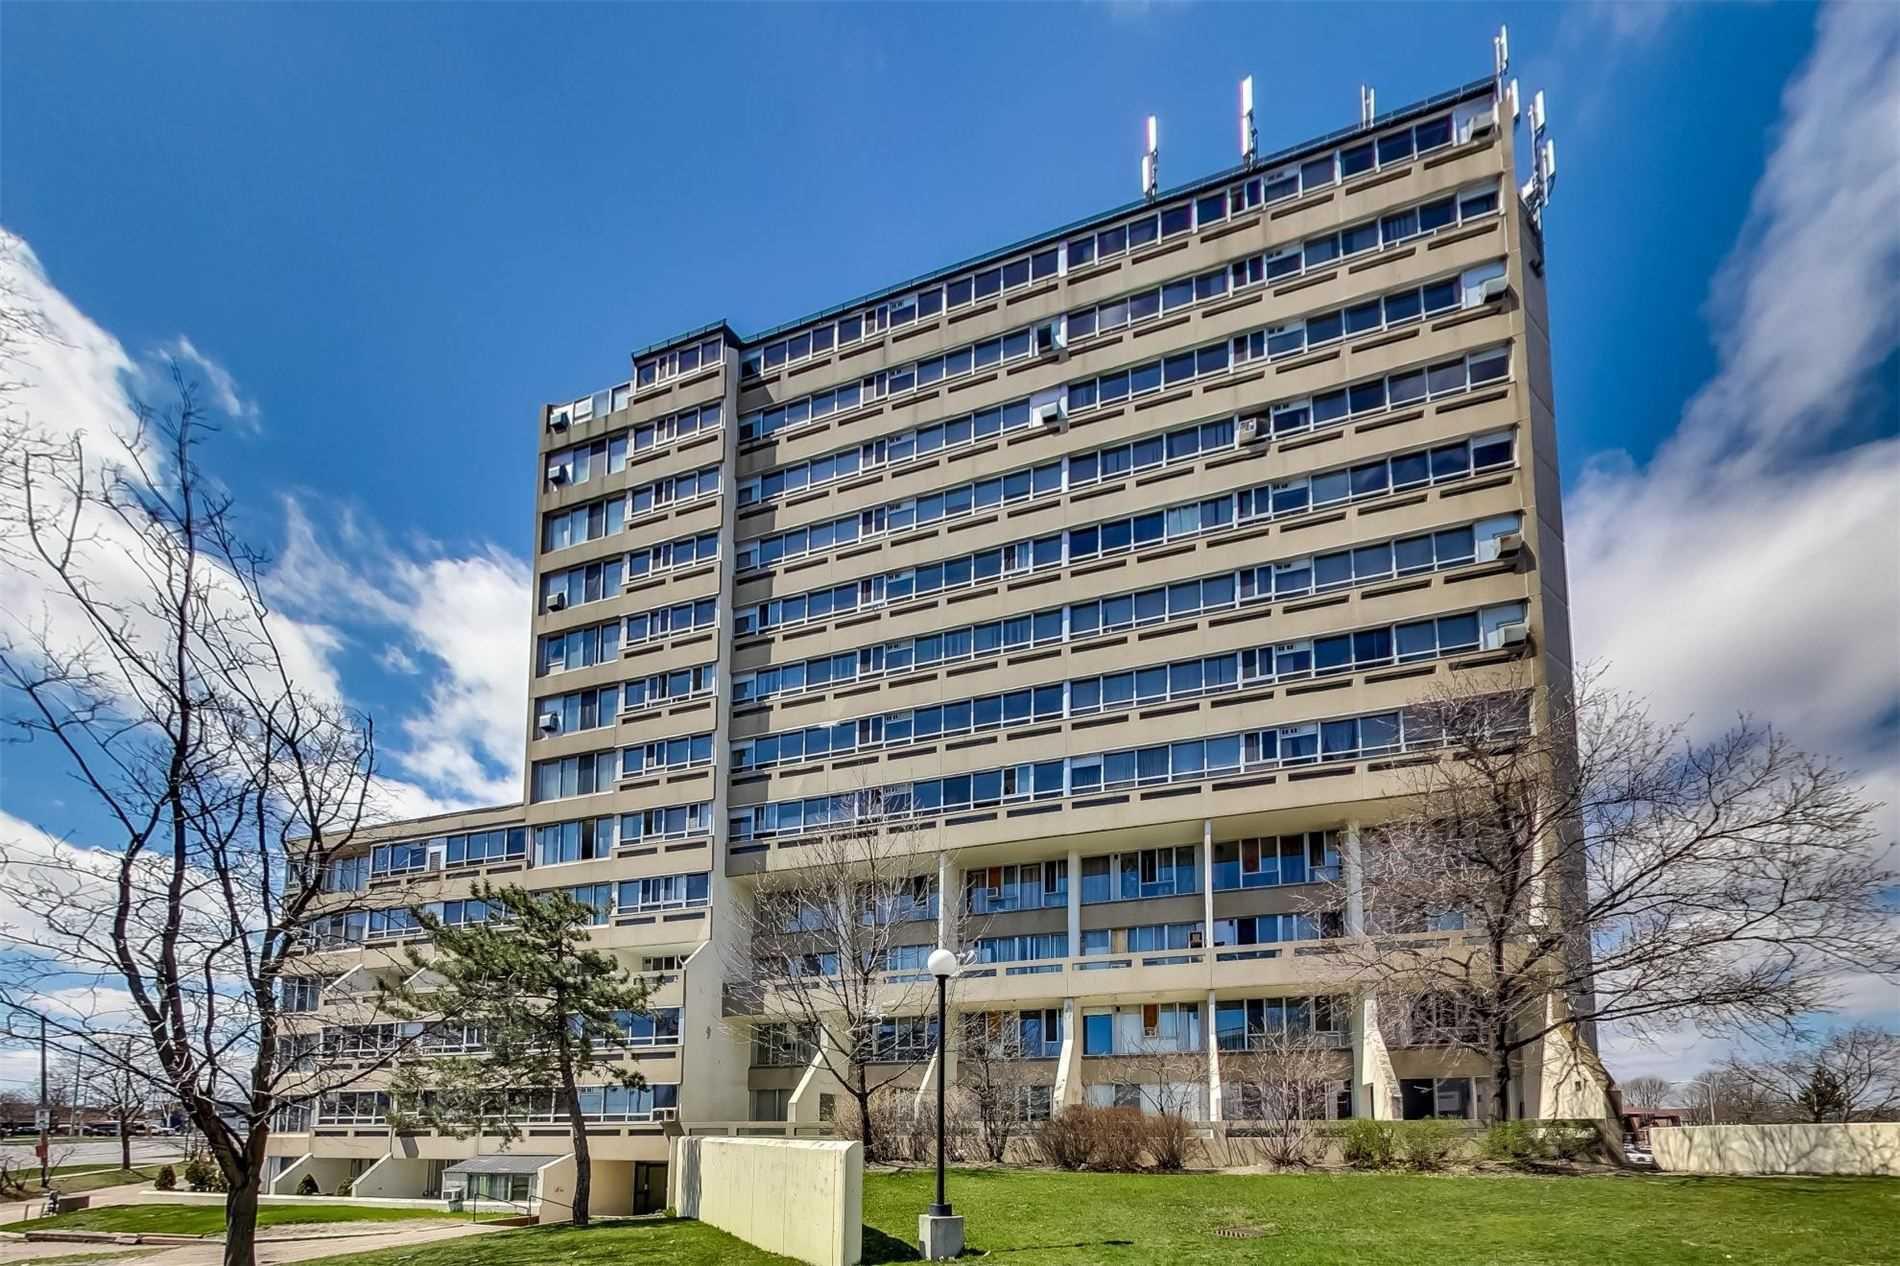 Main Photo: 212 5580 E Sheppard Avenue in Toronto: Malvern Condo for sale (Toronto E11)  : MLS®# E4747223